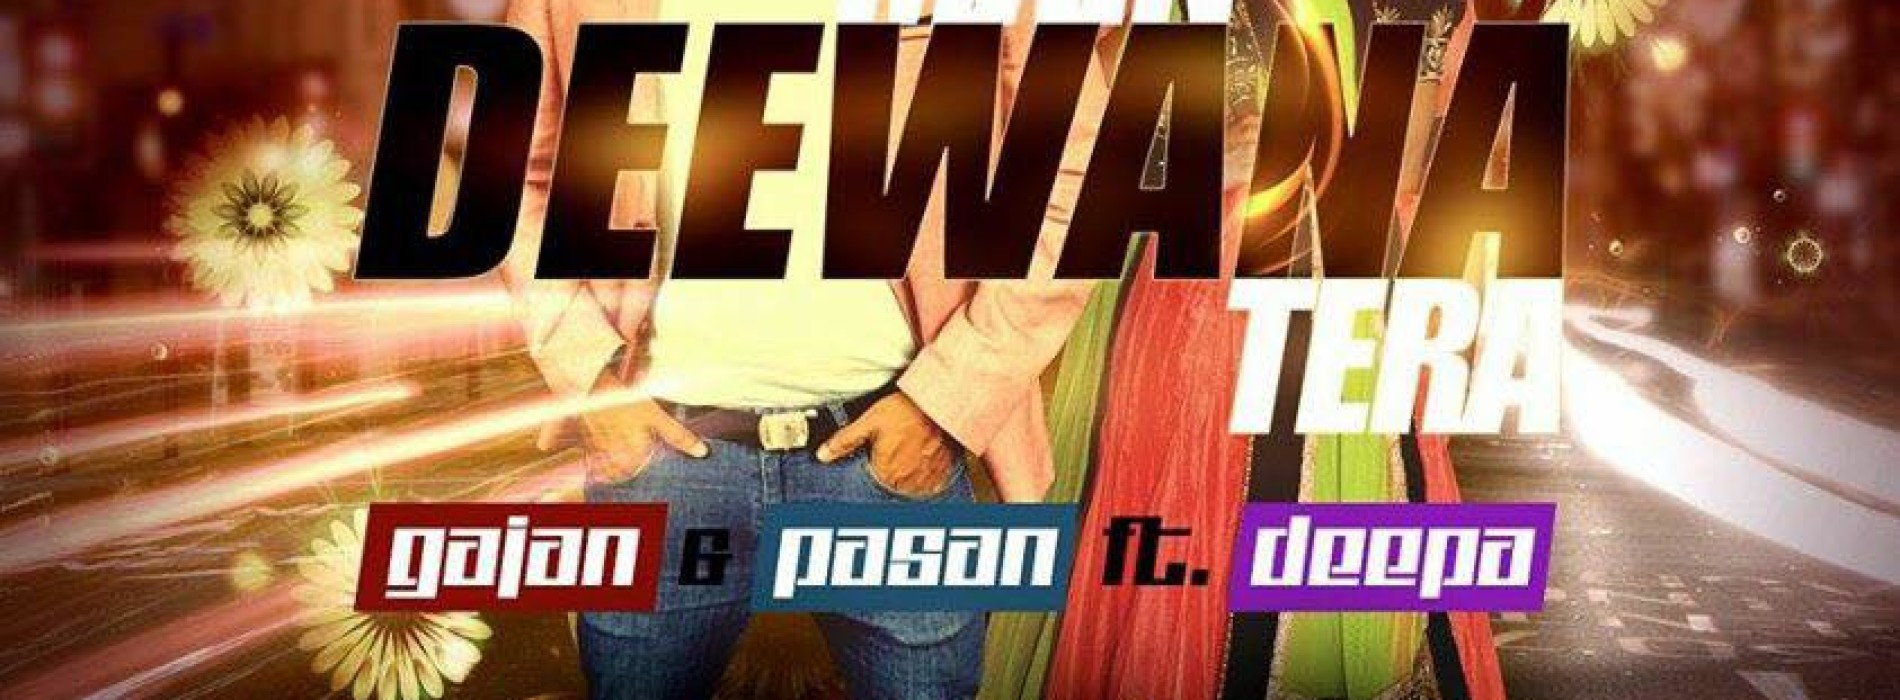 Gajan & Pasan Ft Deepa – Main Deewana Tera